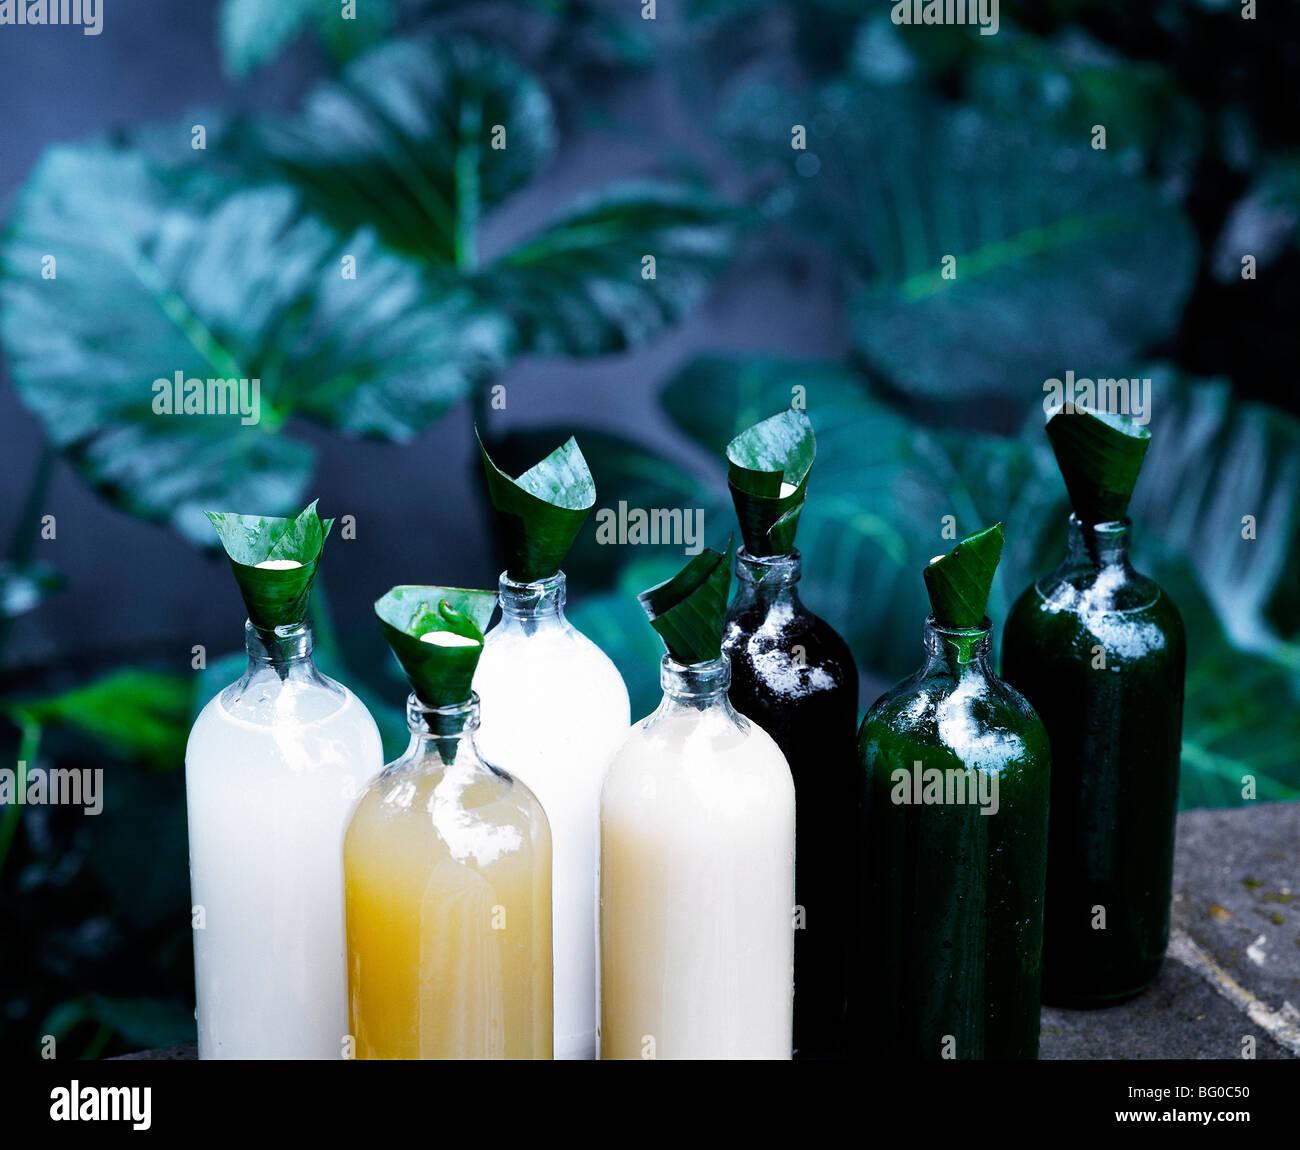 Bottiglie di Jamu, un tradizionale indonesiano tonico a base di erbe, Indonesia, Asia sud-orientale, Asia Immagini Stock